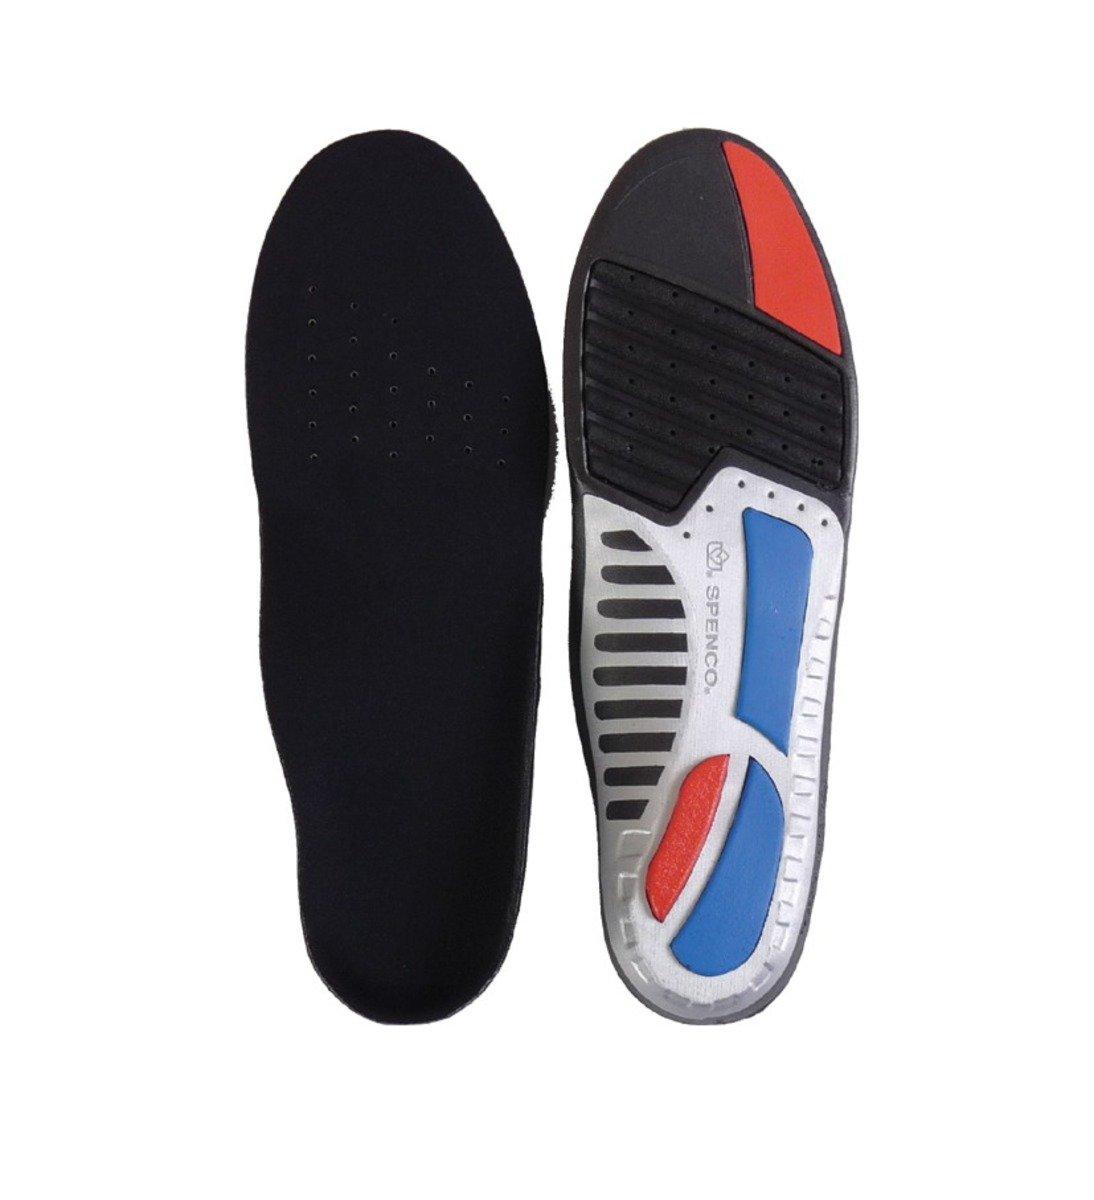 44-636_0 馬拉松跑步鞋墊, 尺碼 0